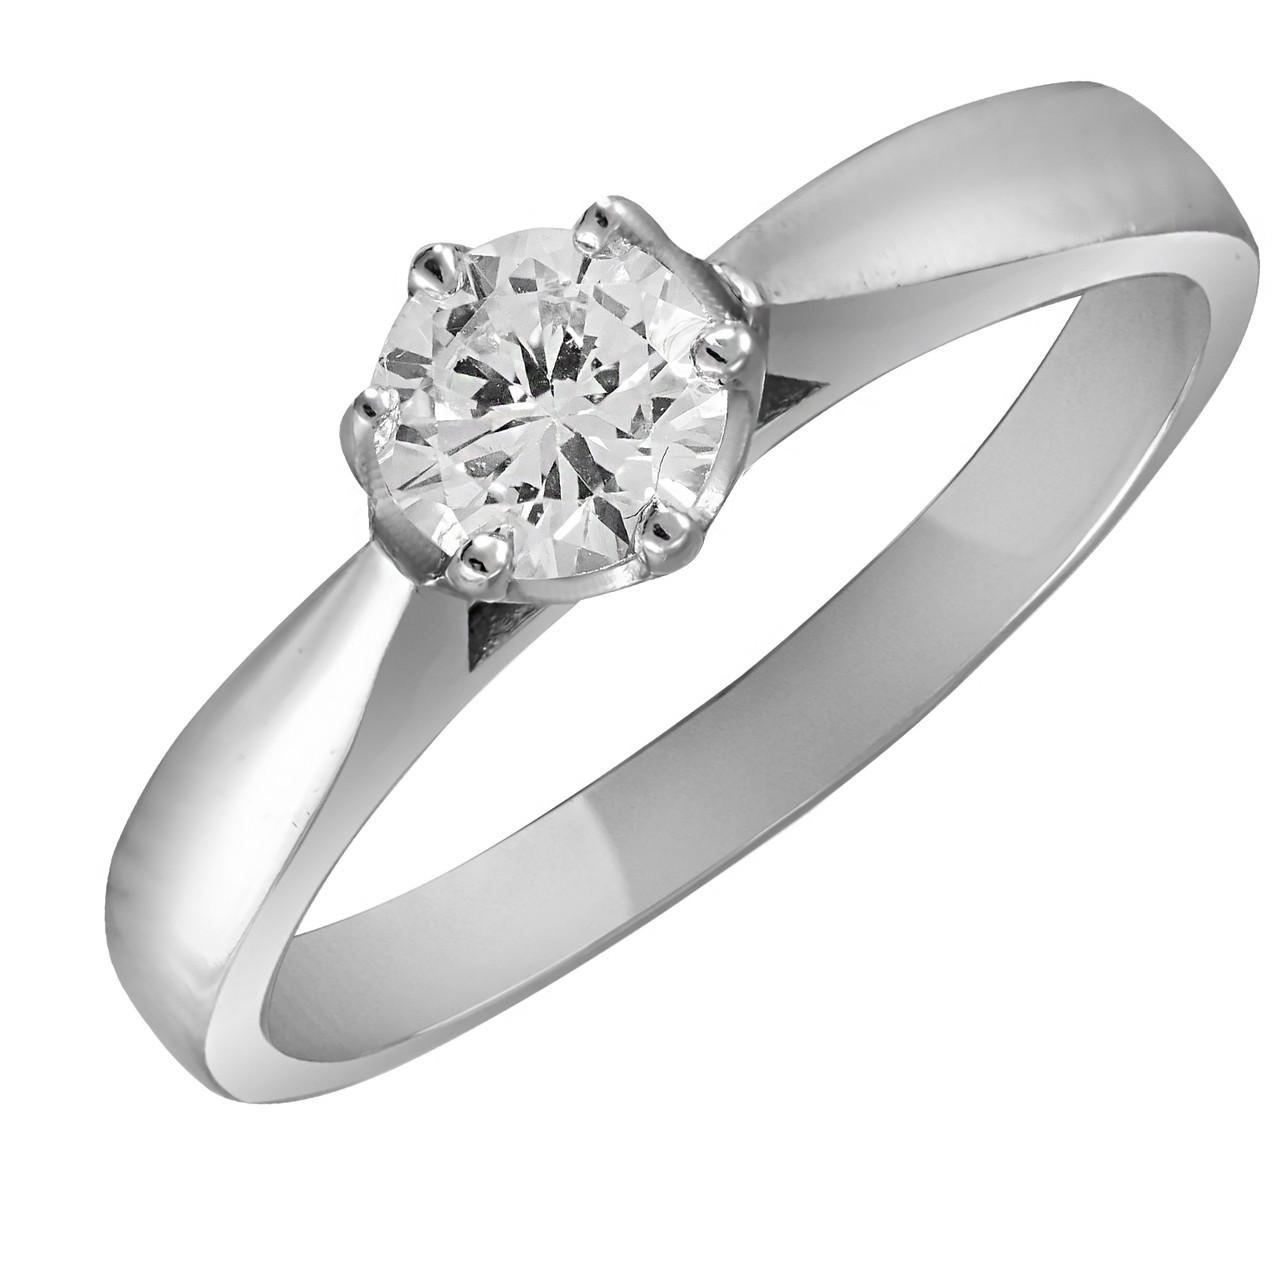 Кольцо из серебра с кубическим цирконием Twiddle Jewelry 16.0 размер (К015-16.0)